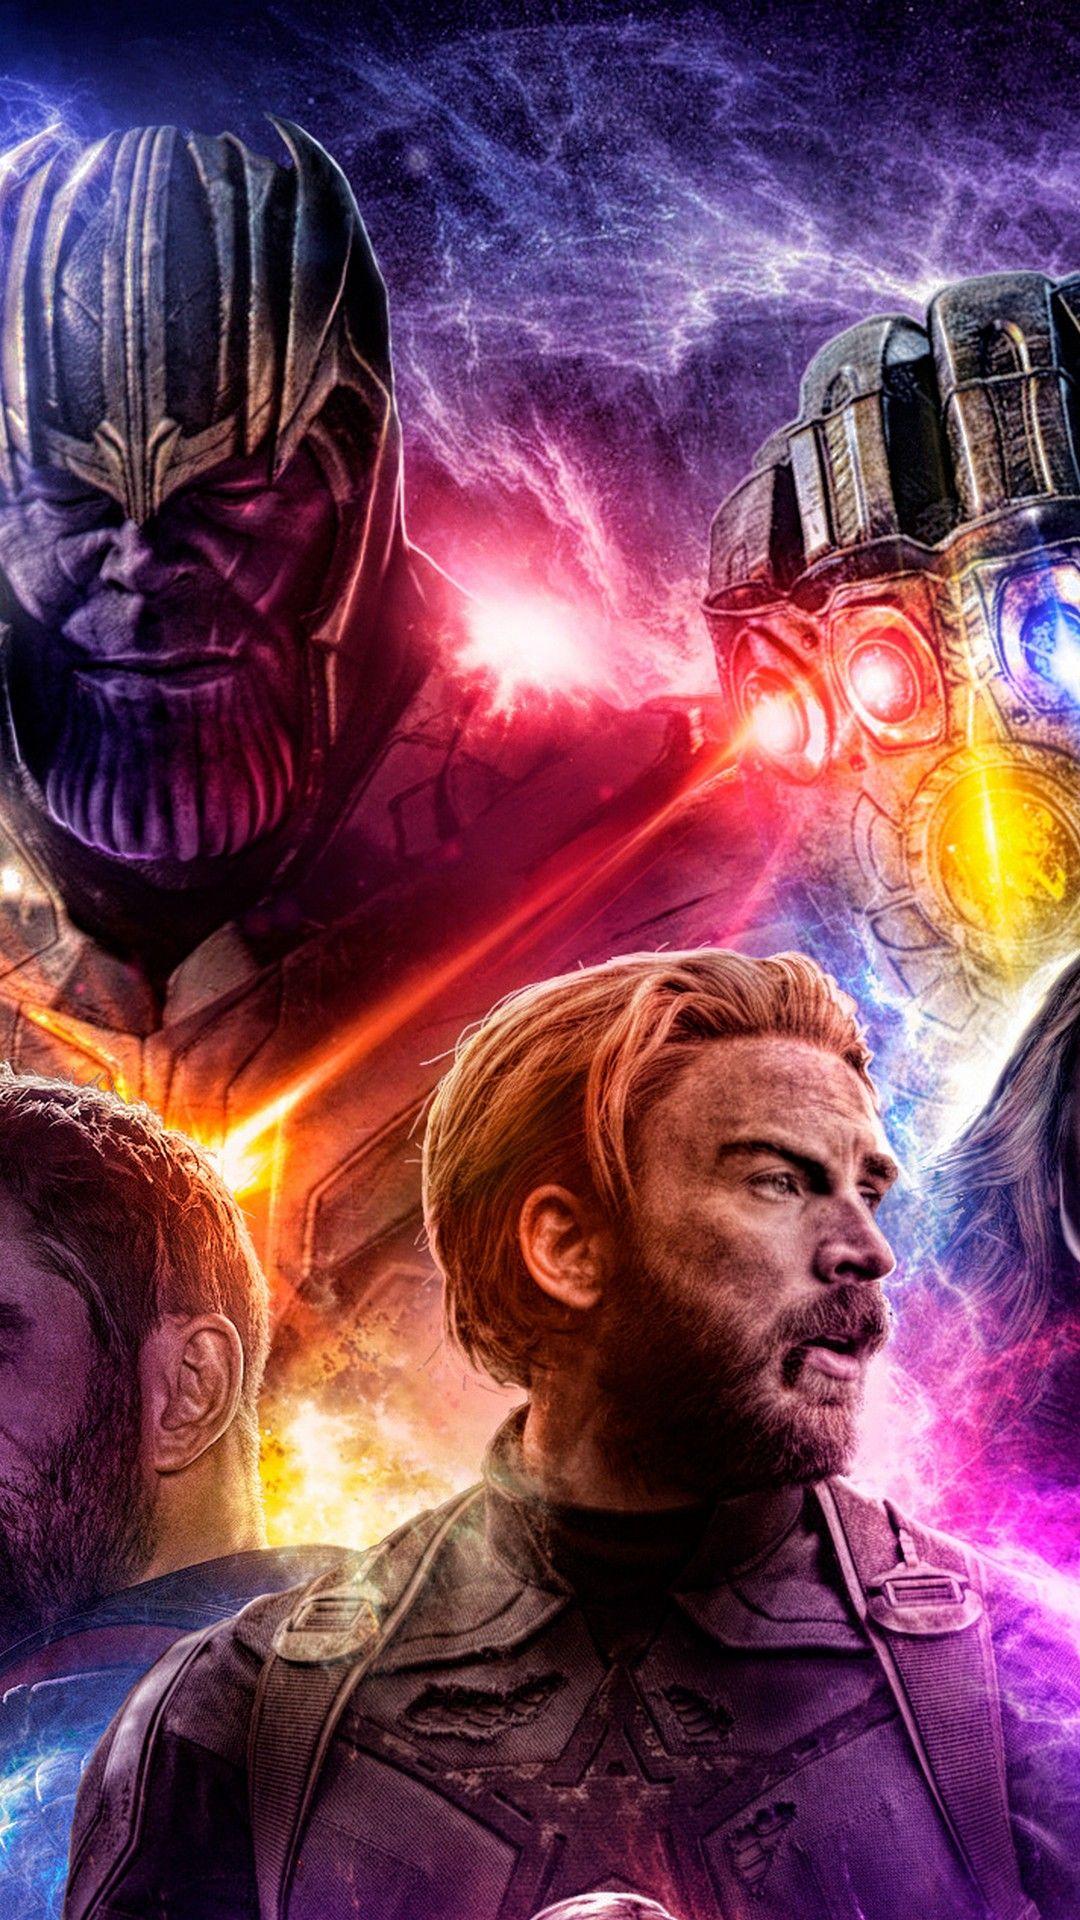 Avengers Endgame Wallpaper For Tablet